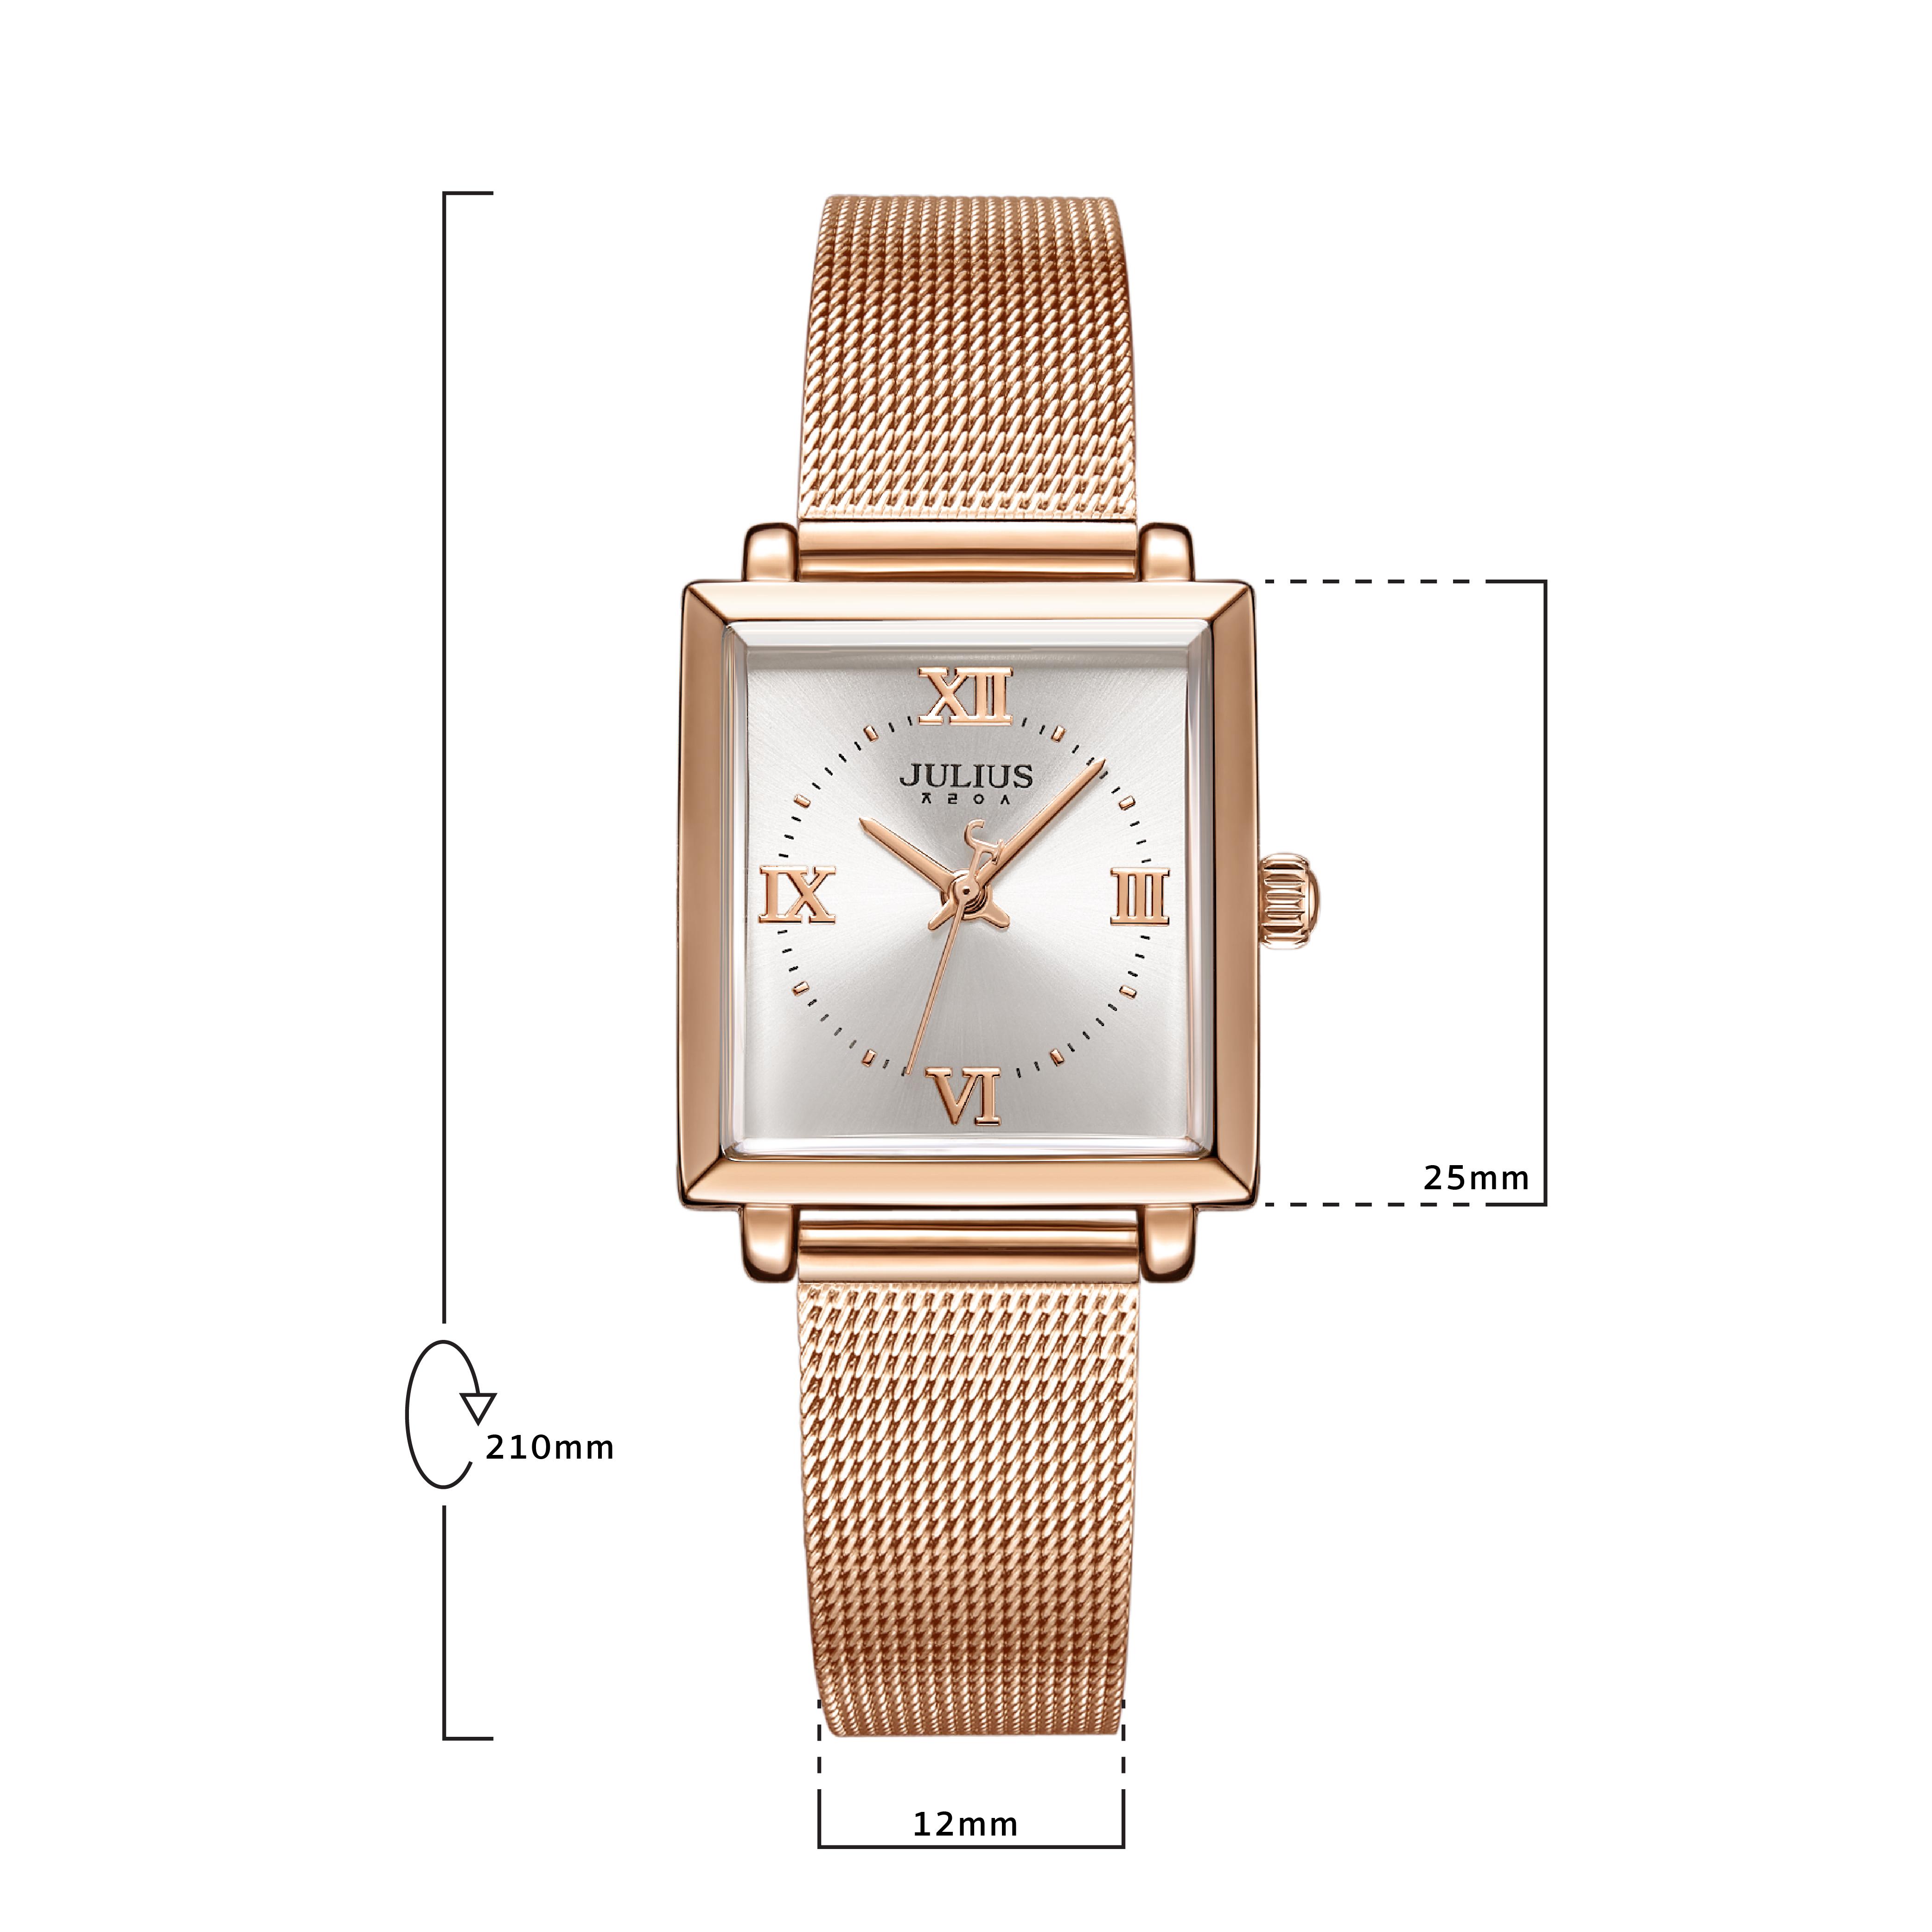 นาฬิกาข้อมือผู้หญิง JULIUS 1202B